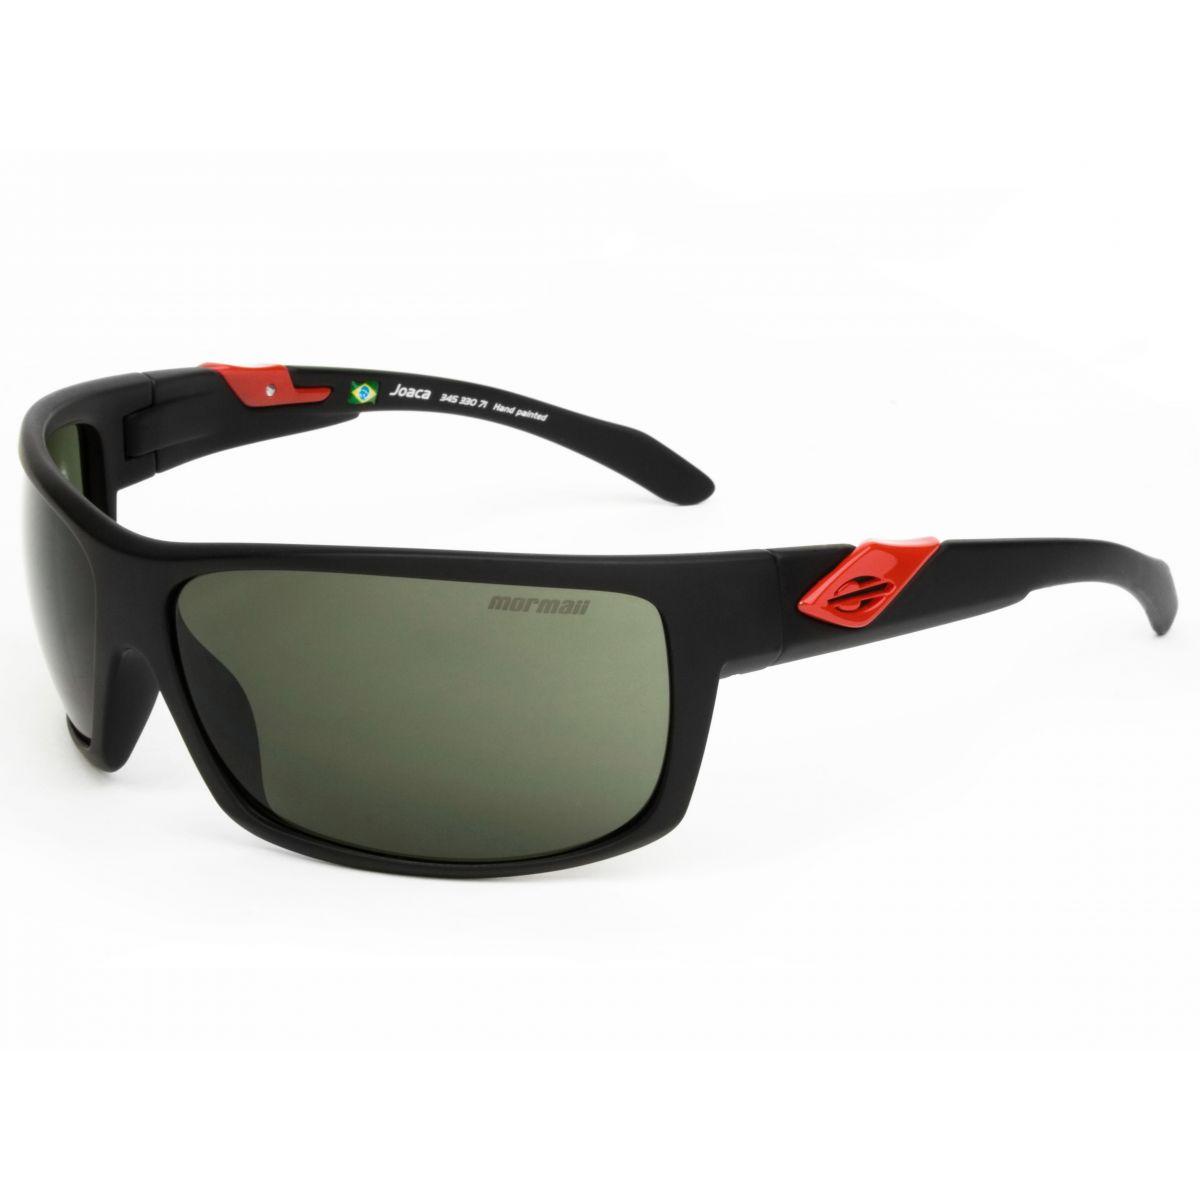 Óculos De Sol Masculino Joaca Mormaii 345 330 71MormaiiMormaii de ... 6e6114dc85